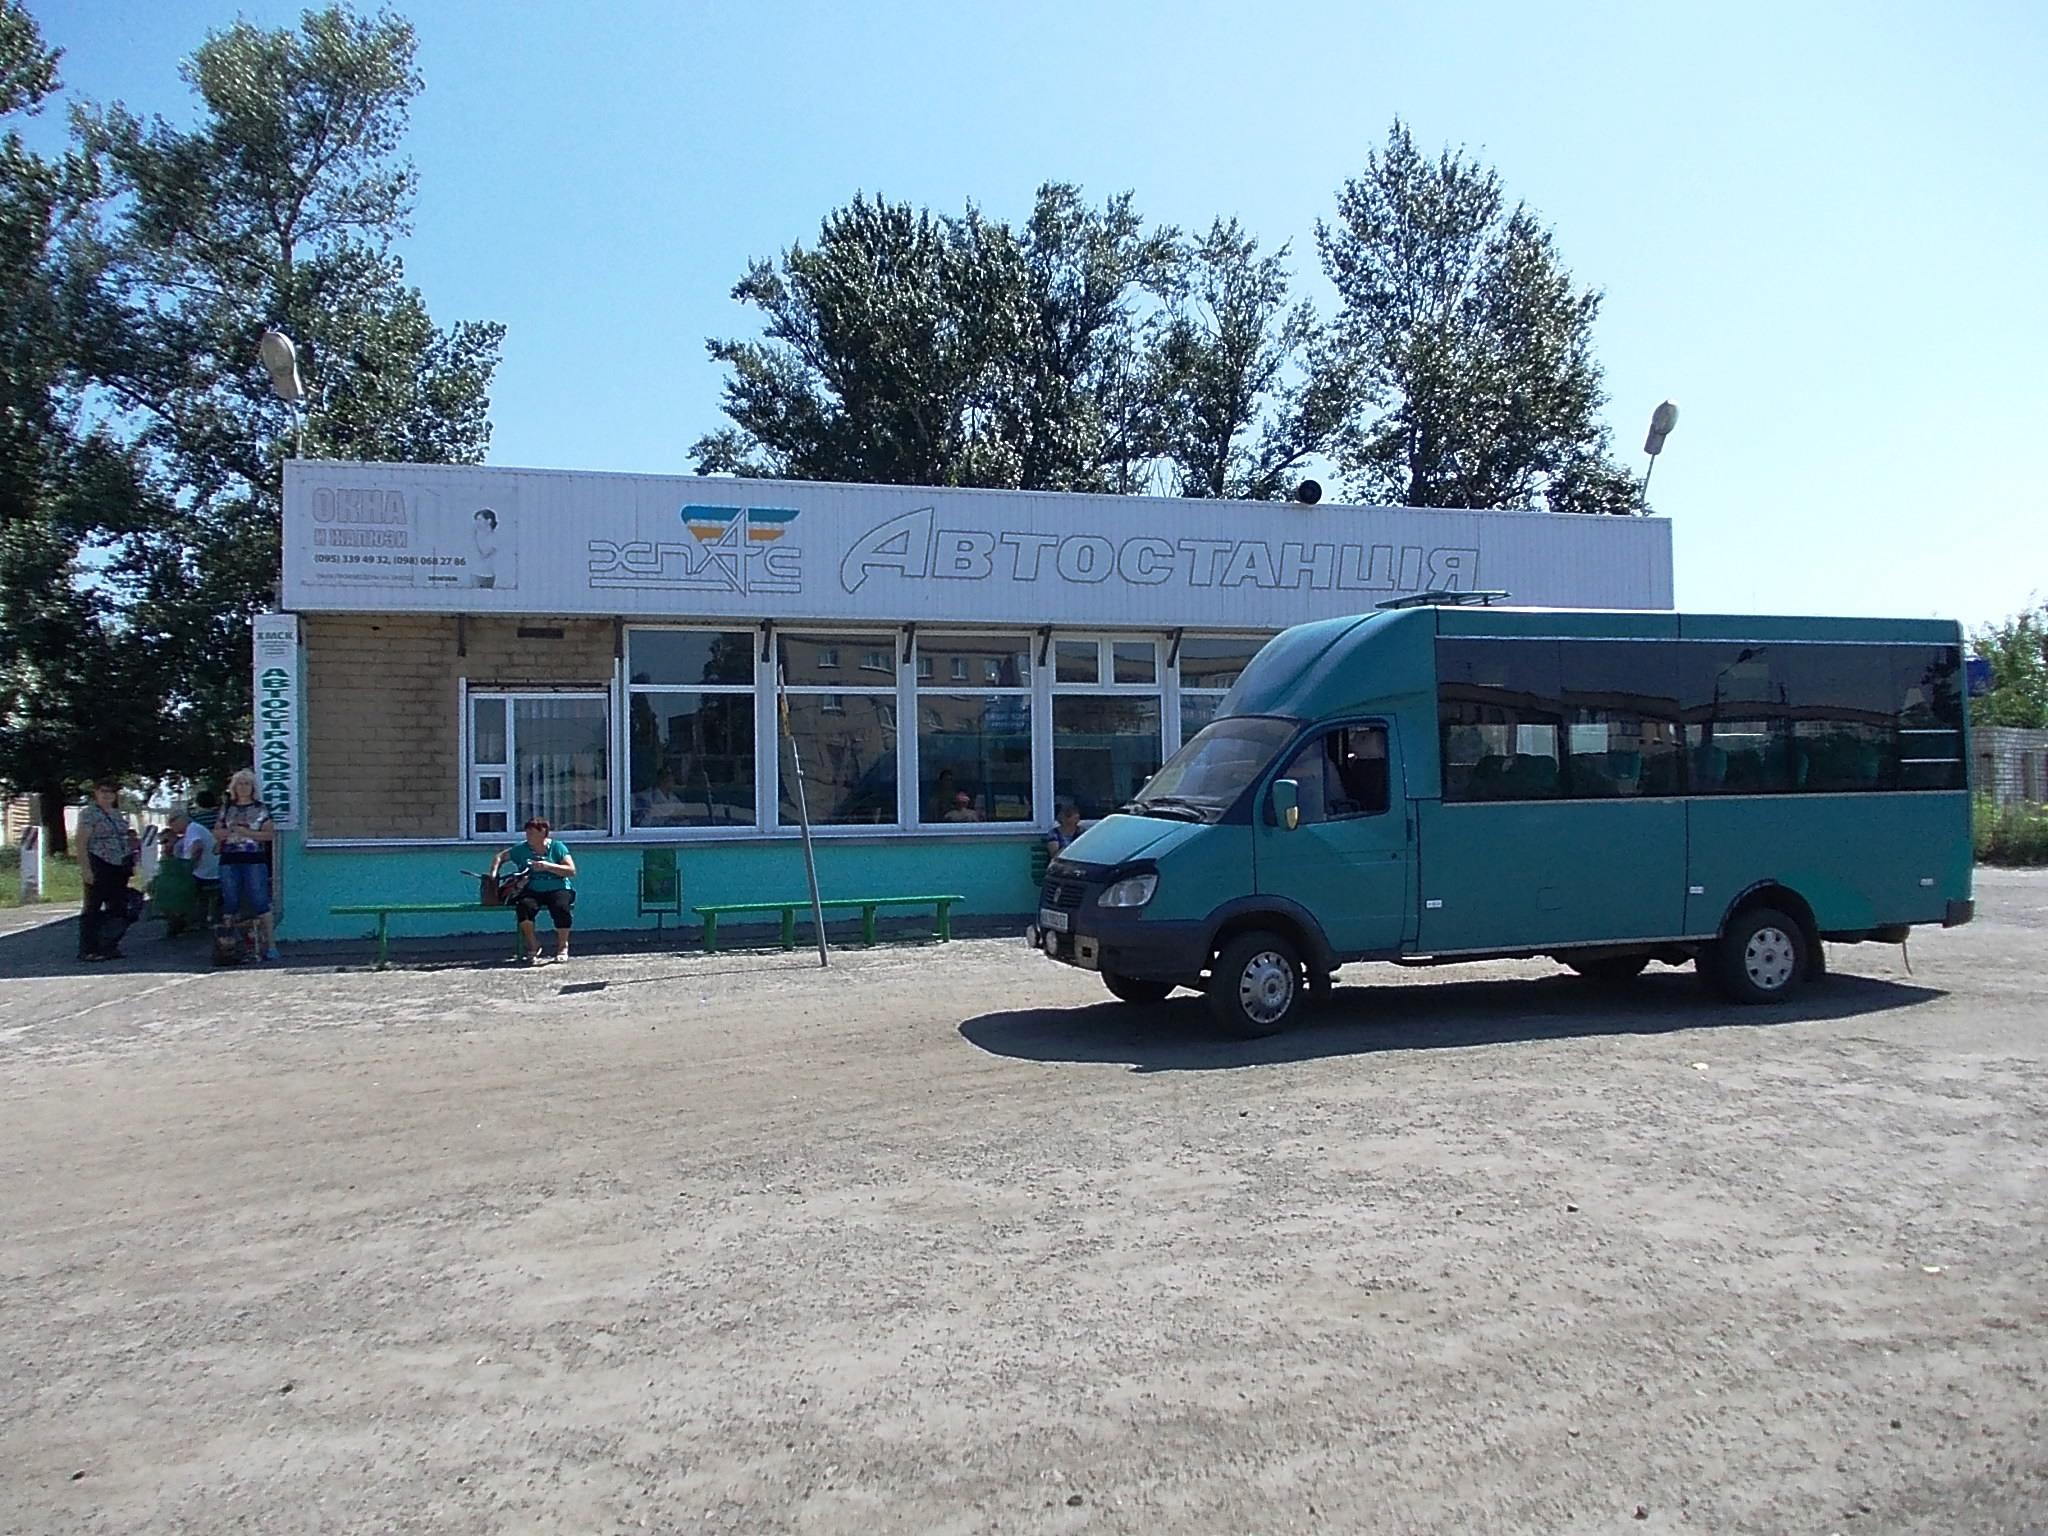 Ковшаровская автостанция